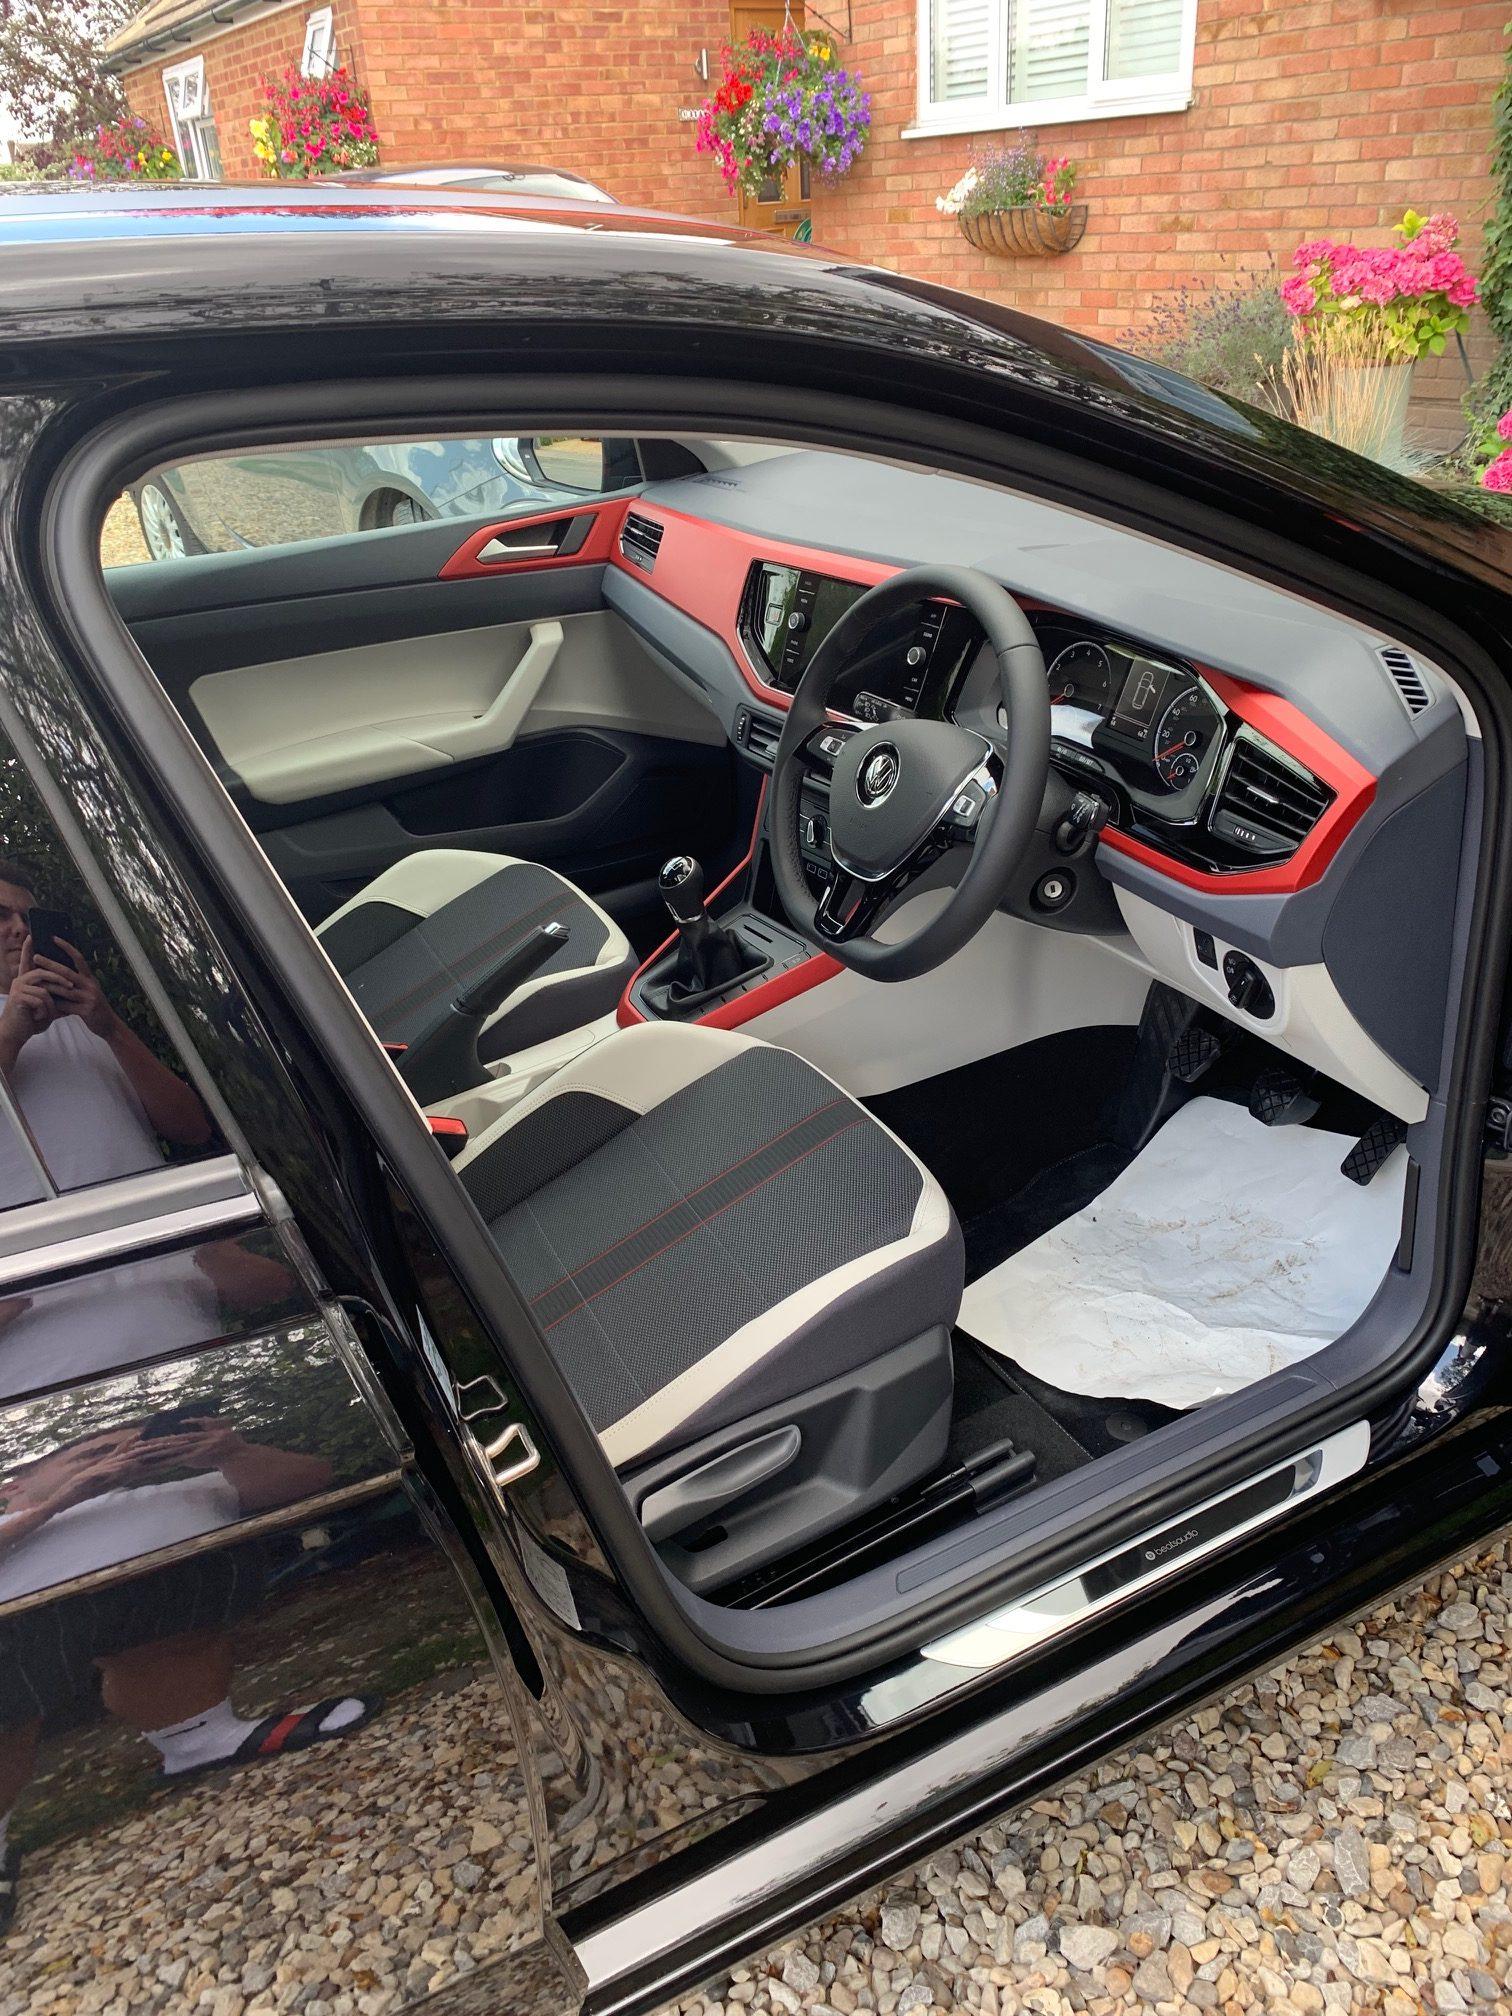 Volkswagen POLO HATCHBACK 1.0 EVO 80 Beats 5door Car Leasing Best Offers